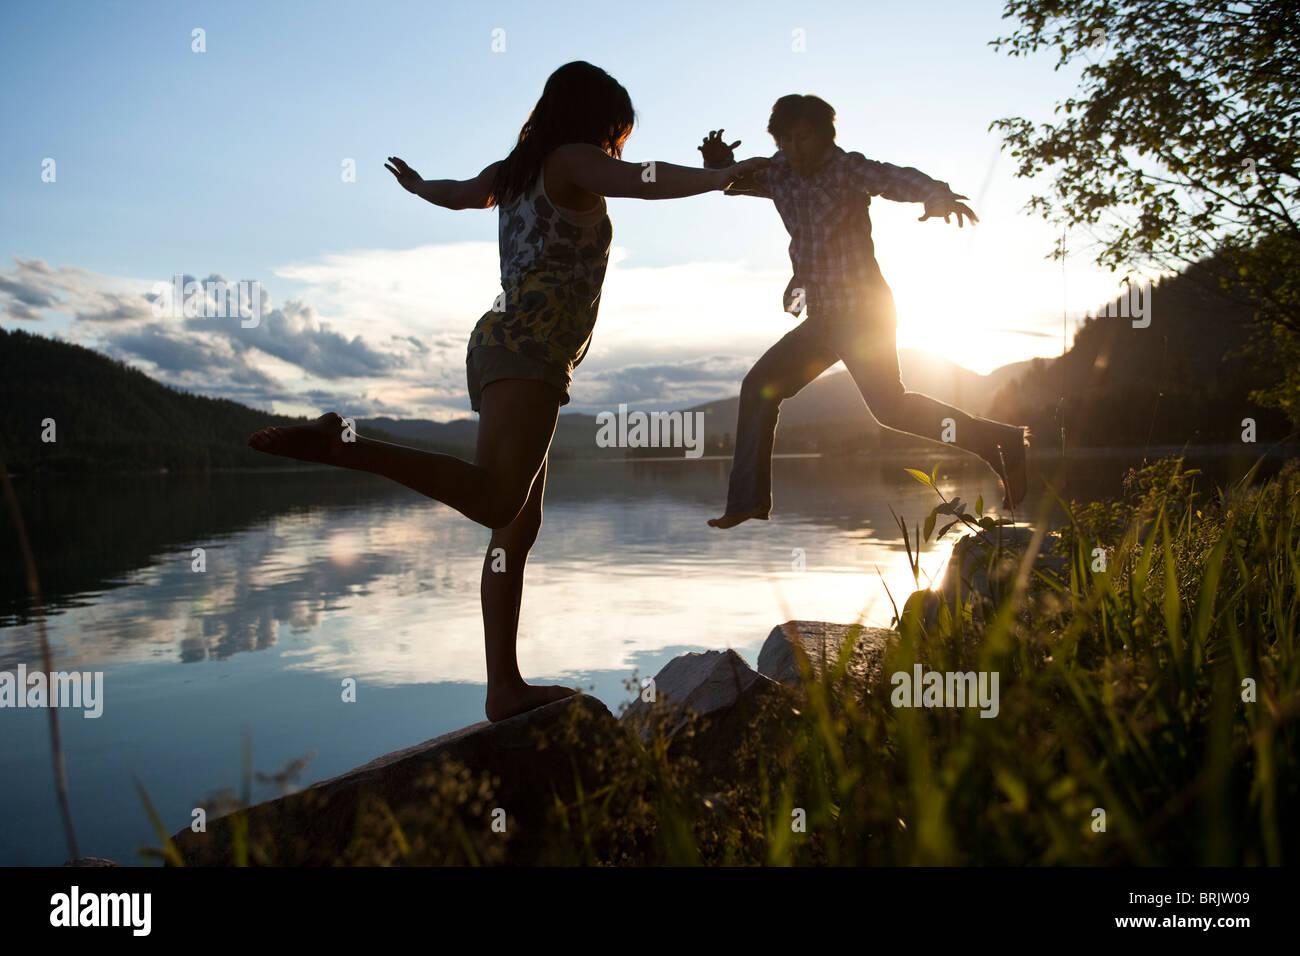 Due giovani adulti in equilibrio su rocce al tramonto accanto al lago. Immagini Stock